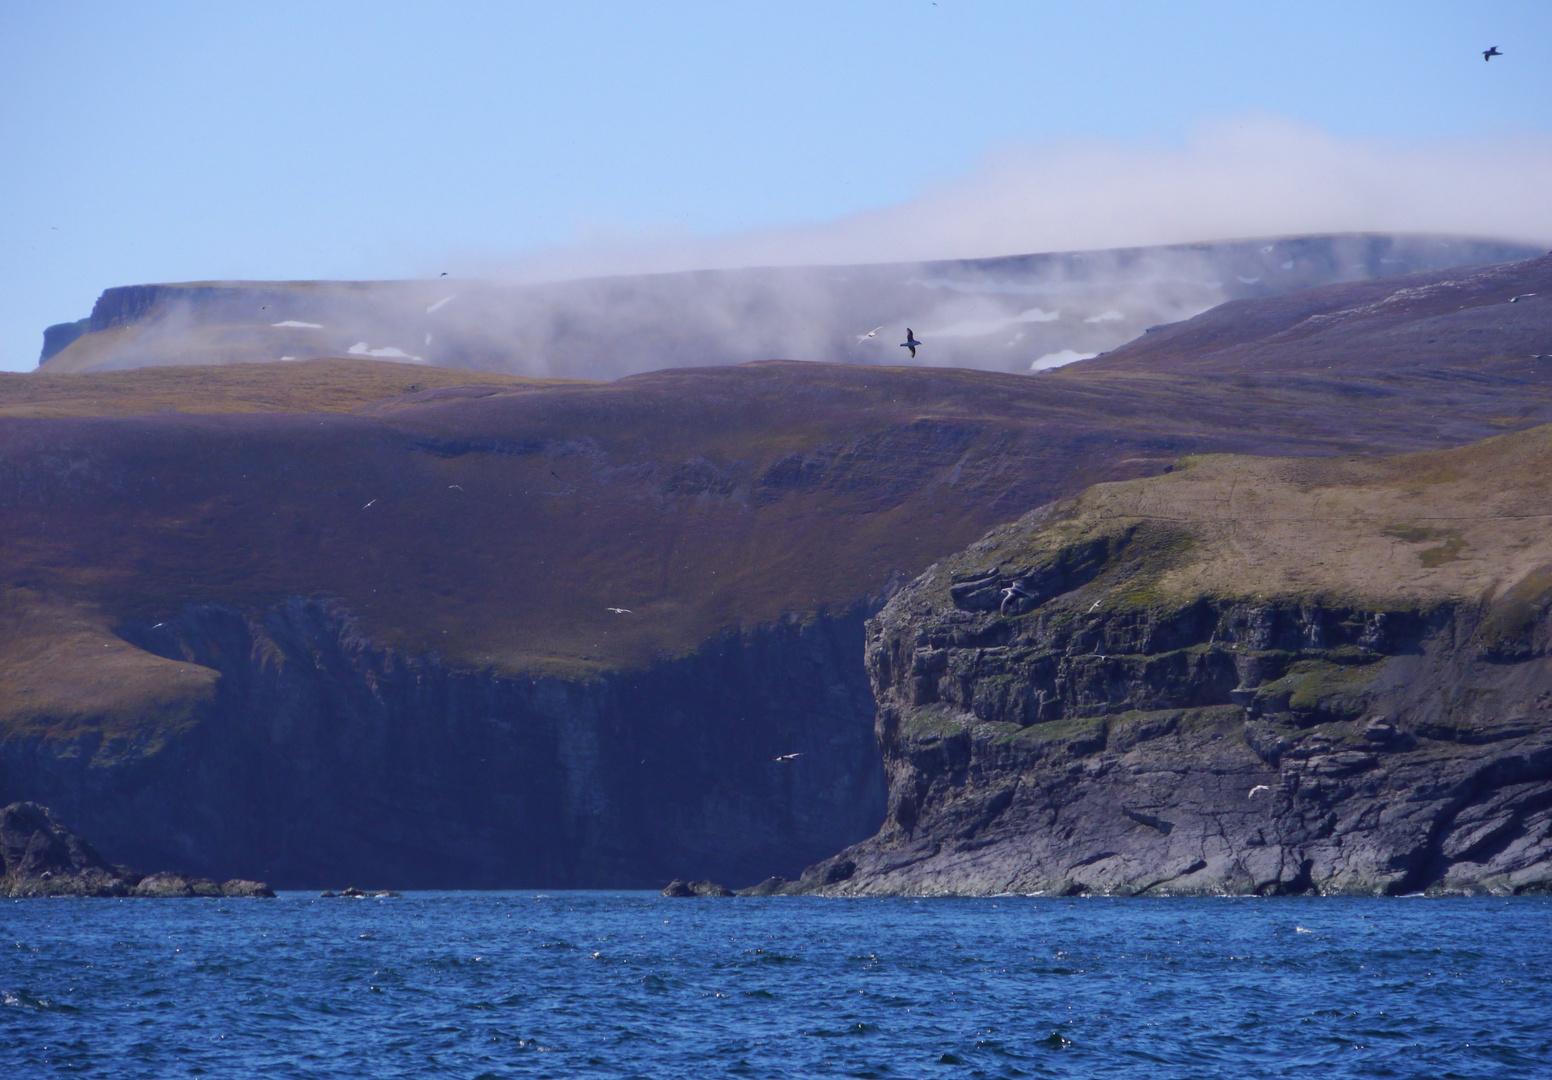 Die Bäreninsel in der Barentsee